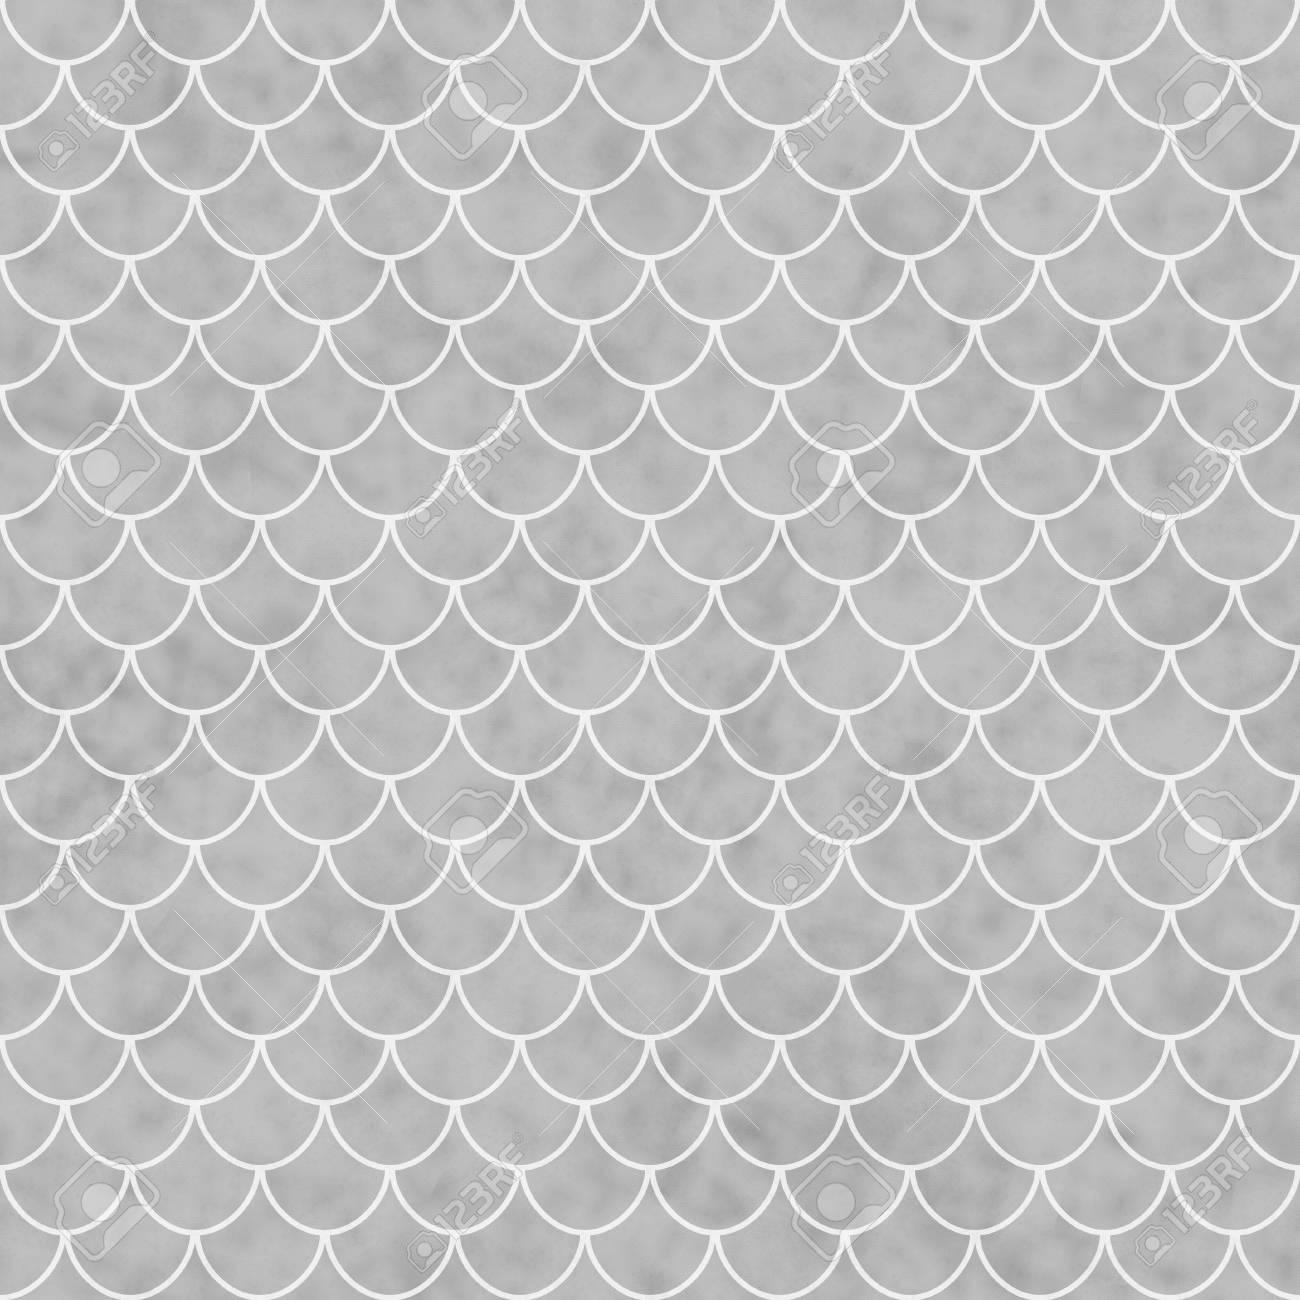 Grau Und Weiss Shell Fliesen Muster Wiederholen Hintergrund Die